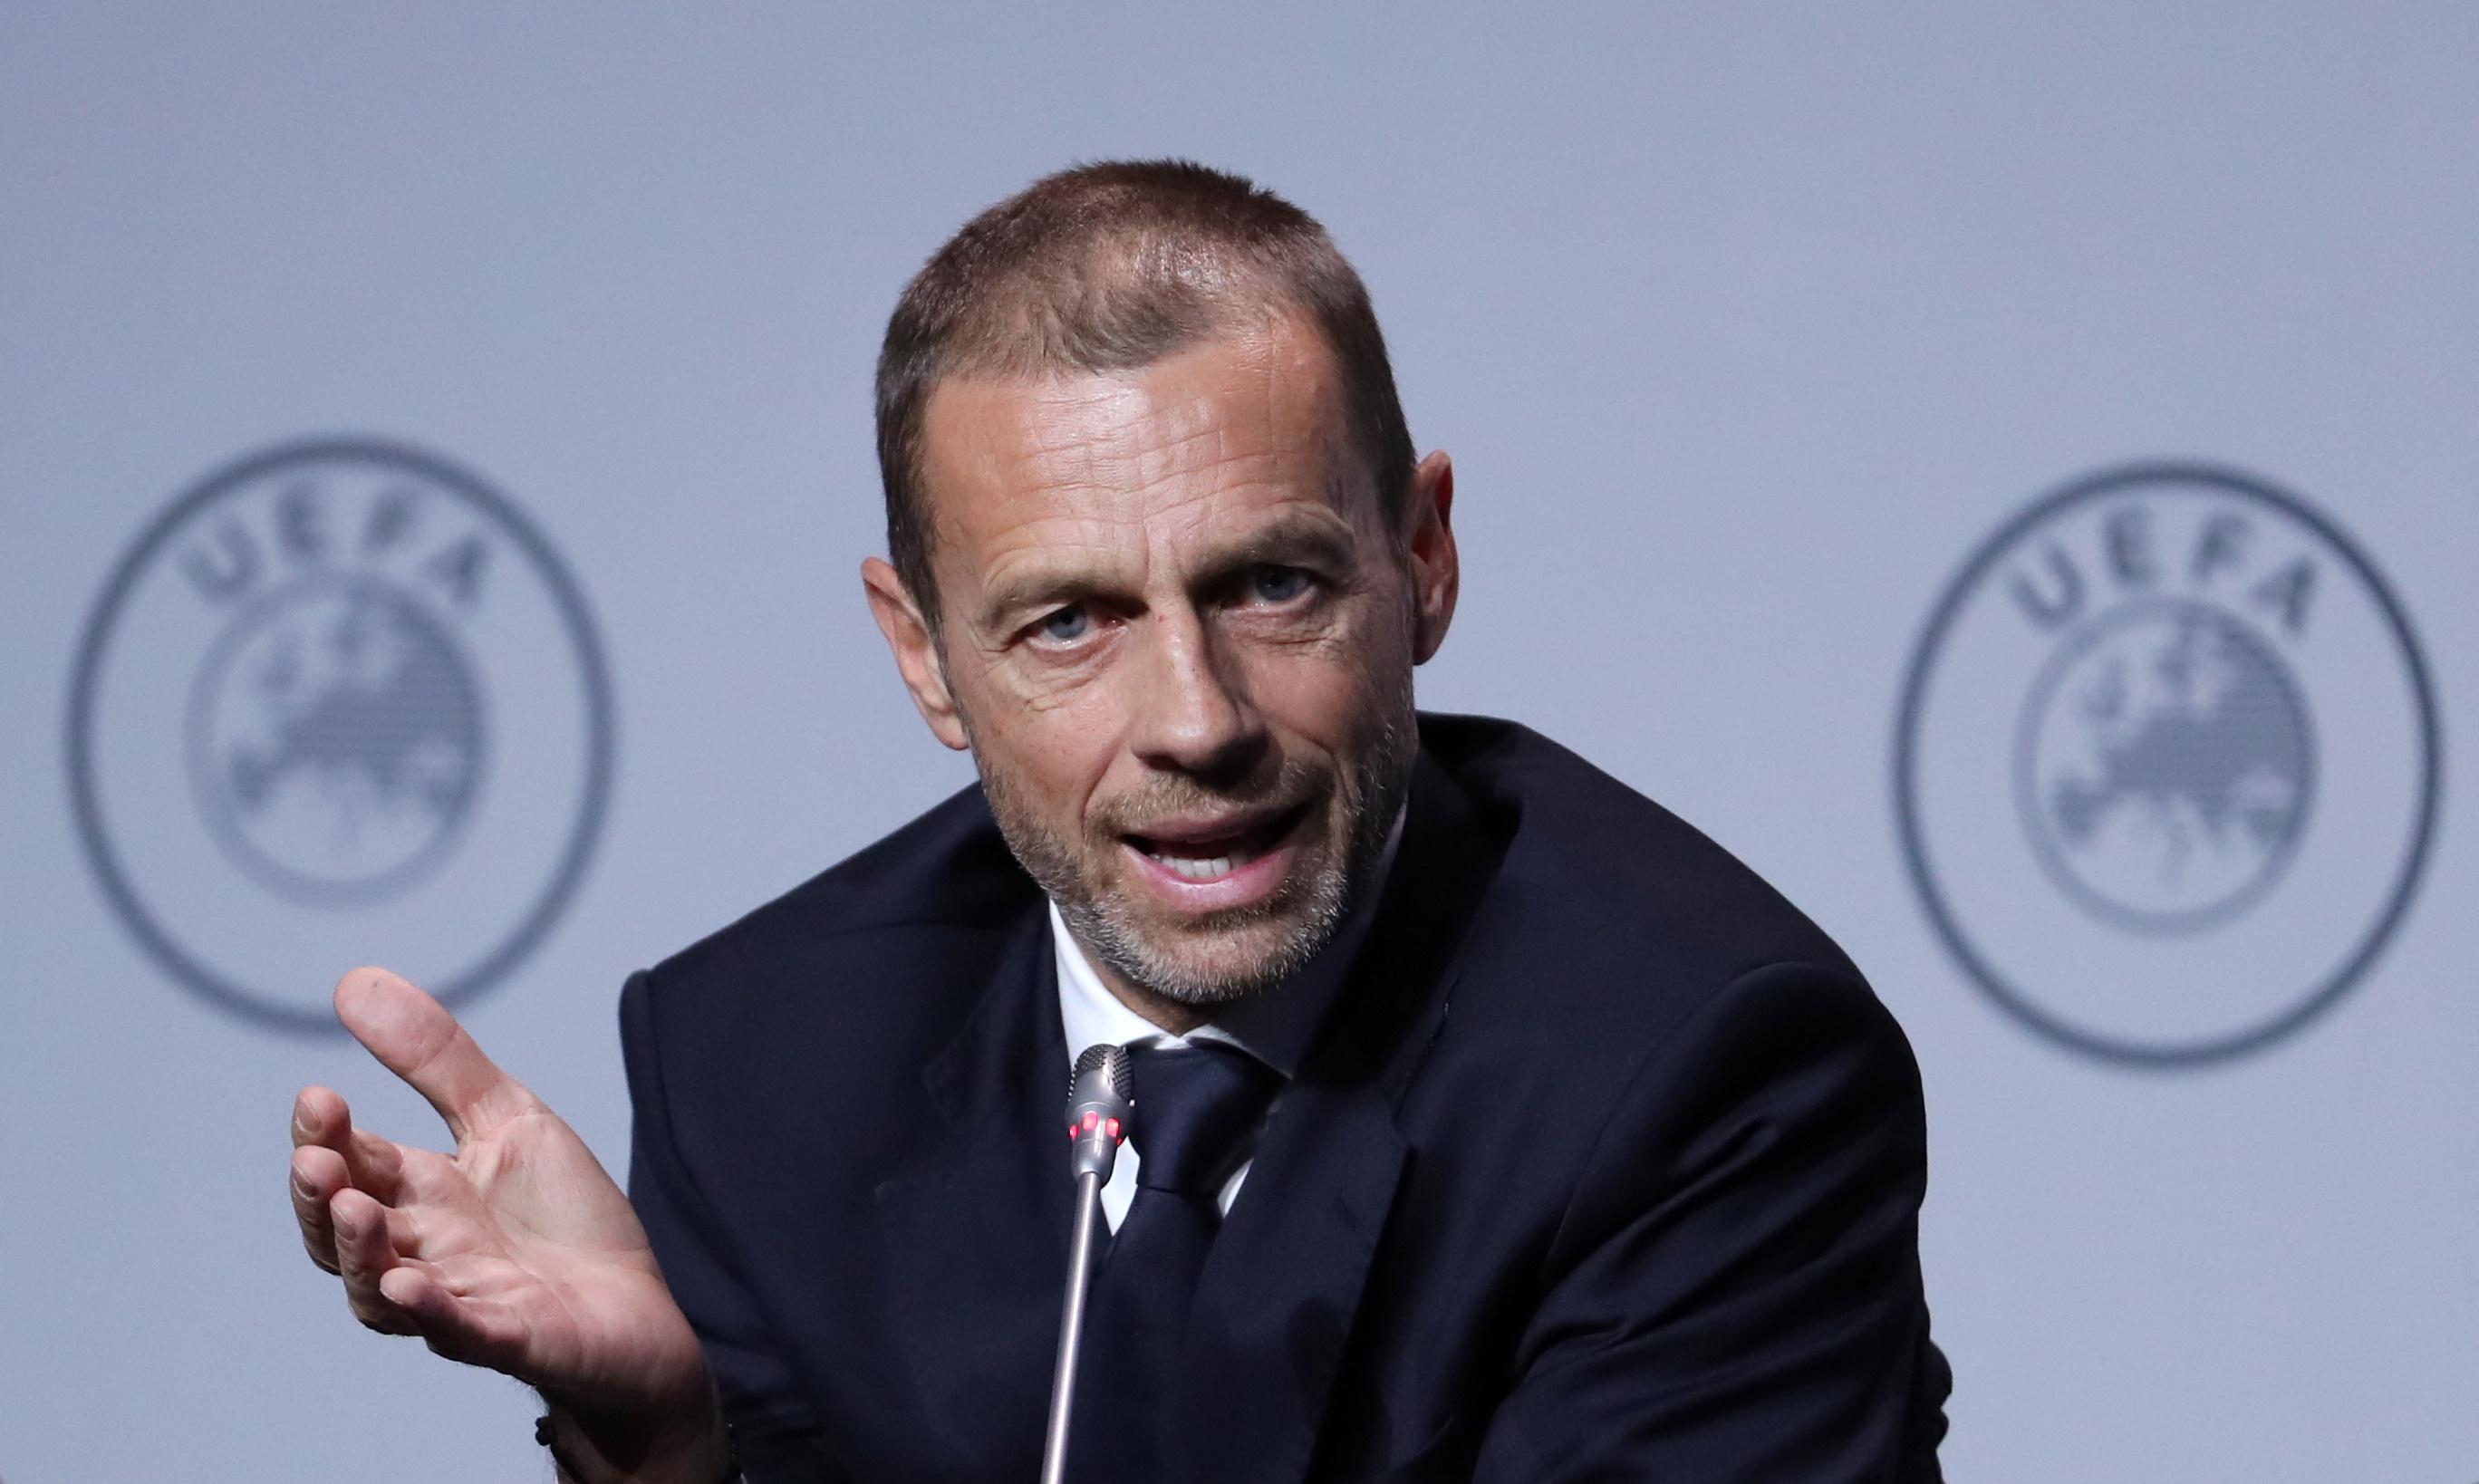 Football - Ligue des Champions, Ligue Europa, Euro, l'Uefa à l'heure des choix